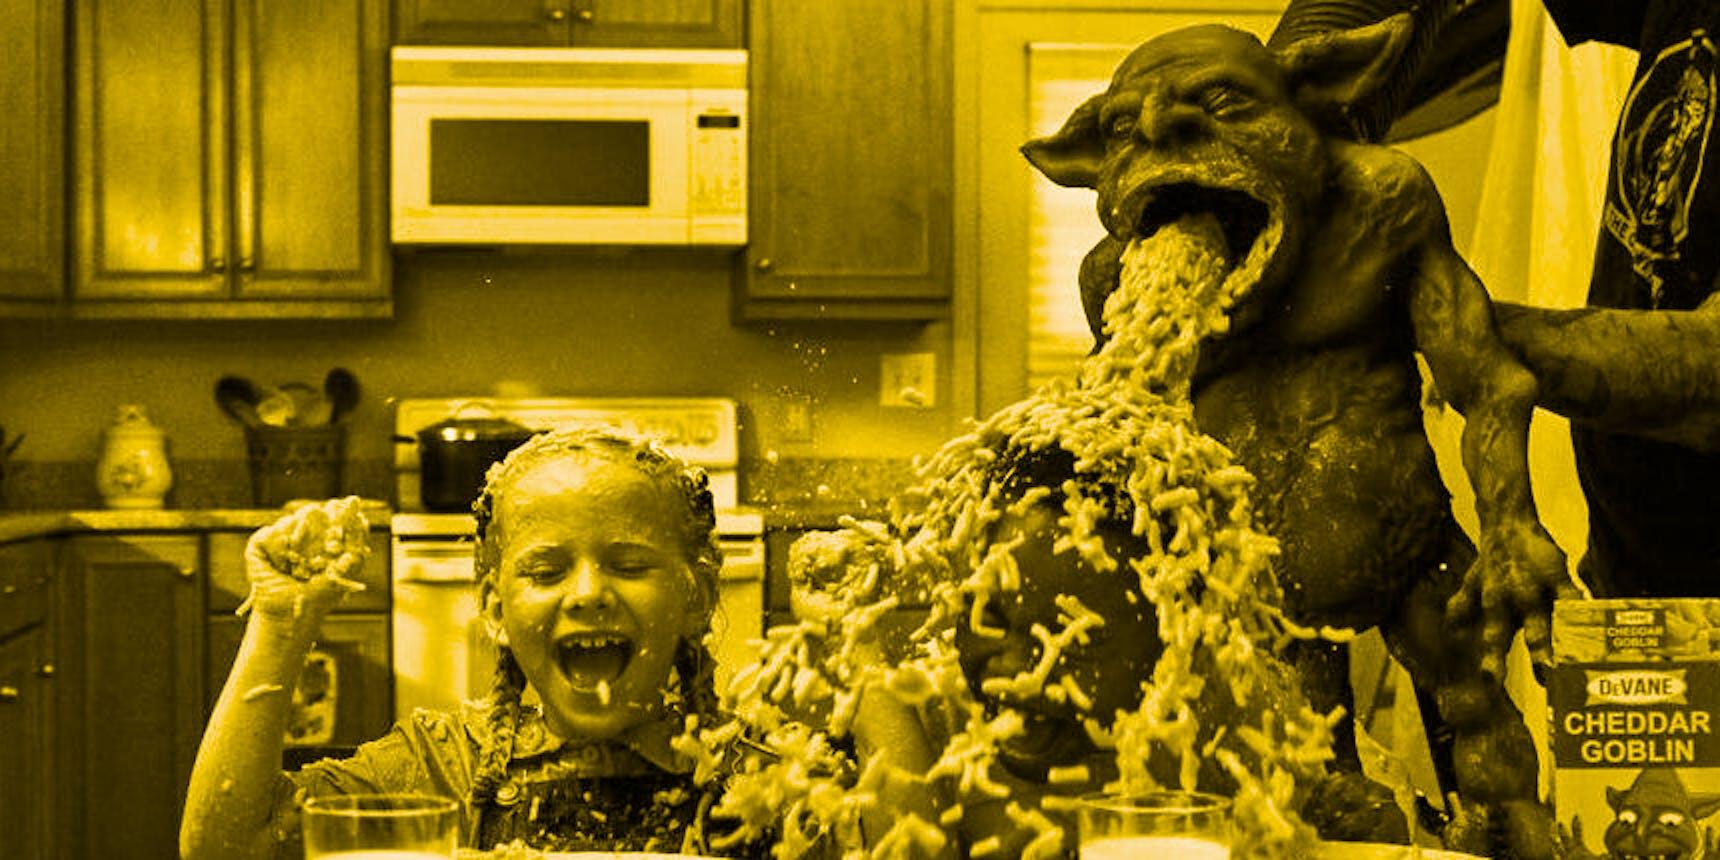 cheddar goblin mandy movie nicolas cage